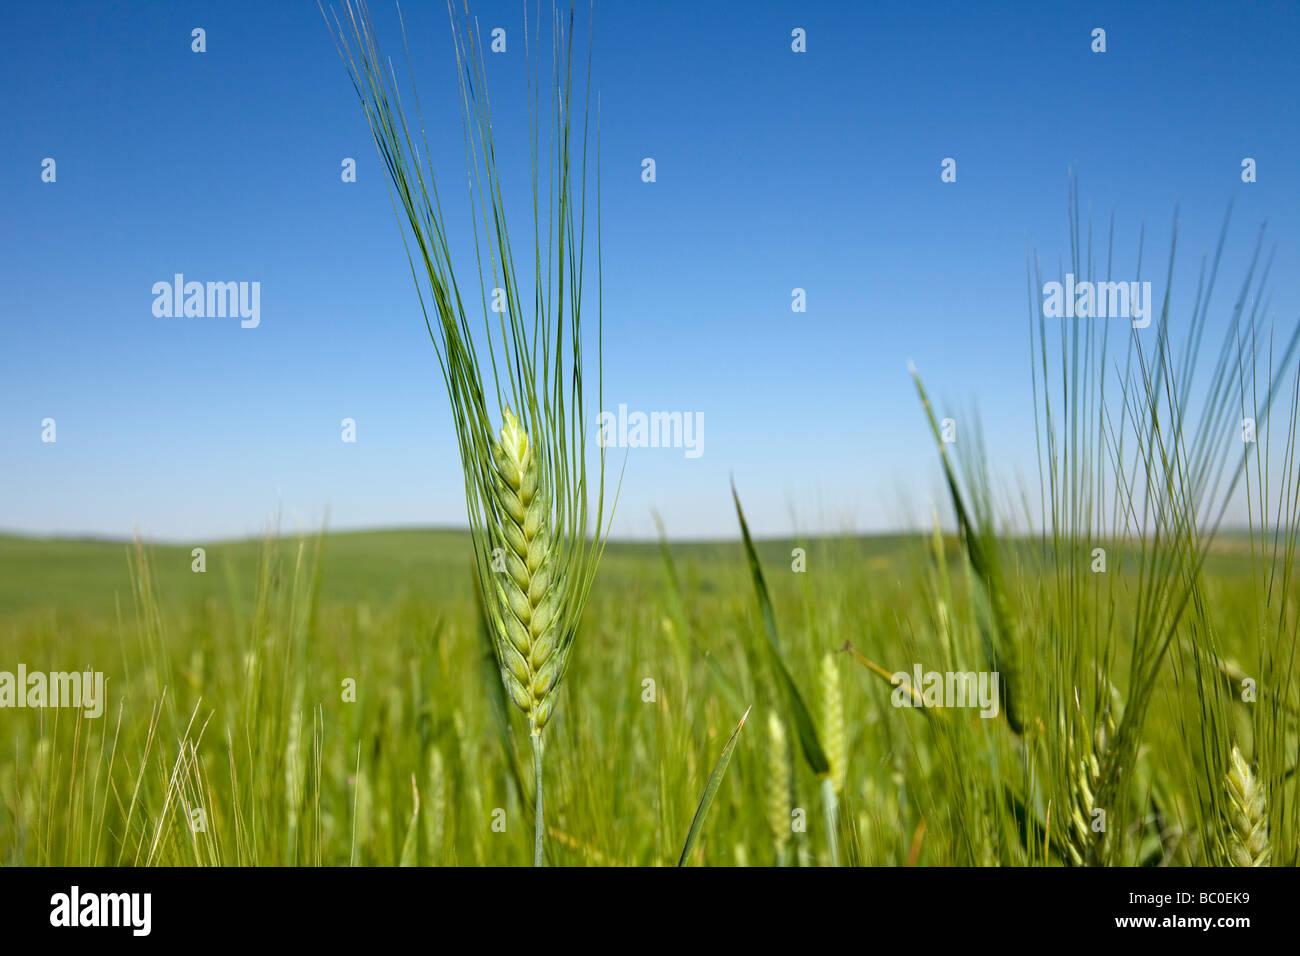 Espiga de Trigo épi de blé Photo Stock